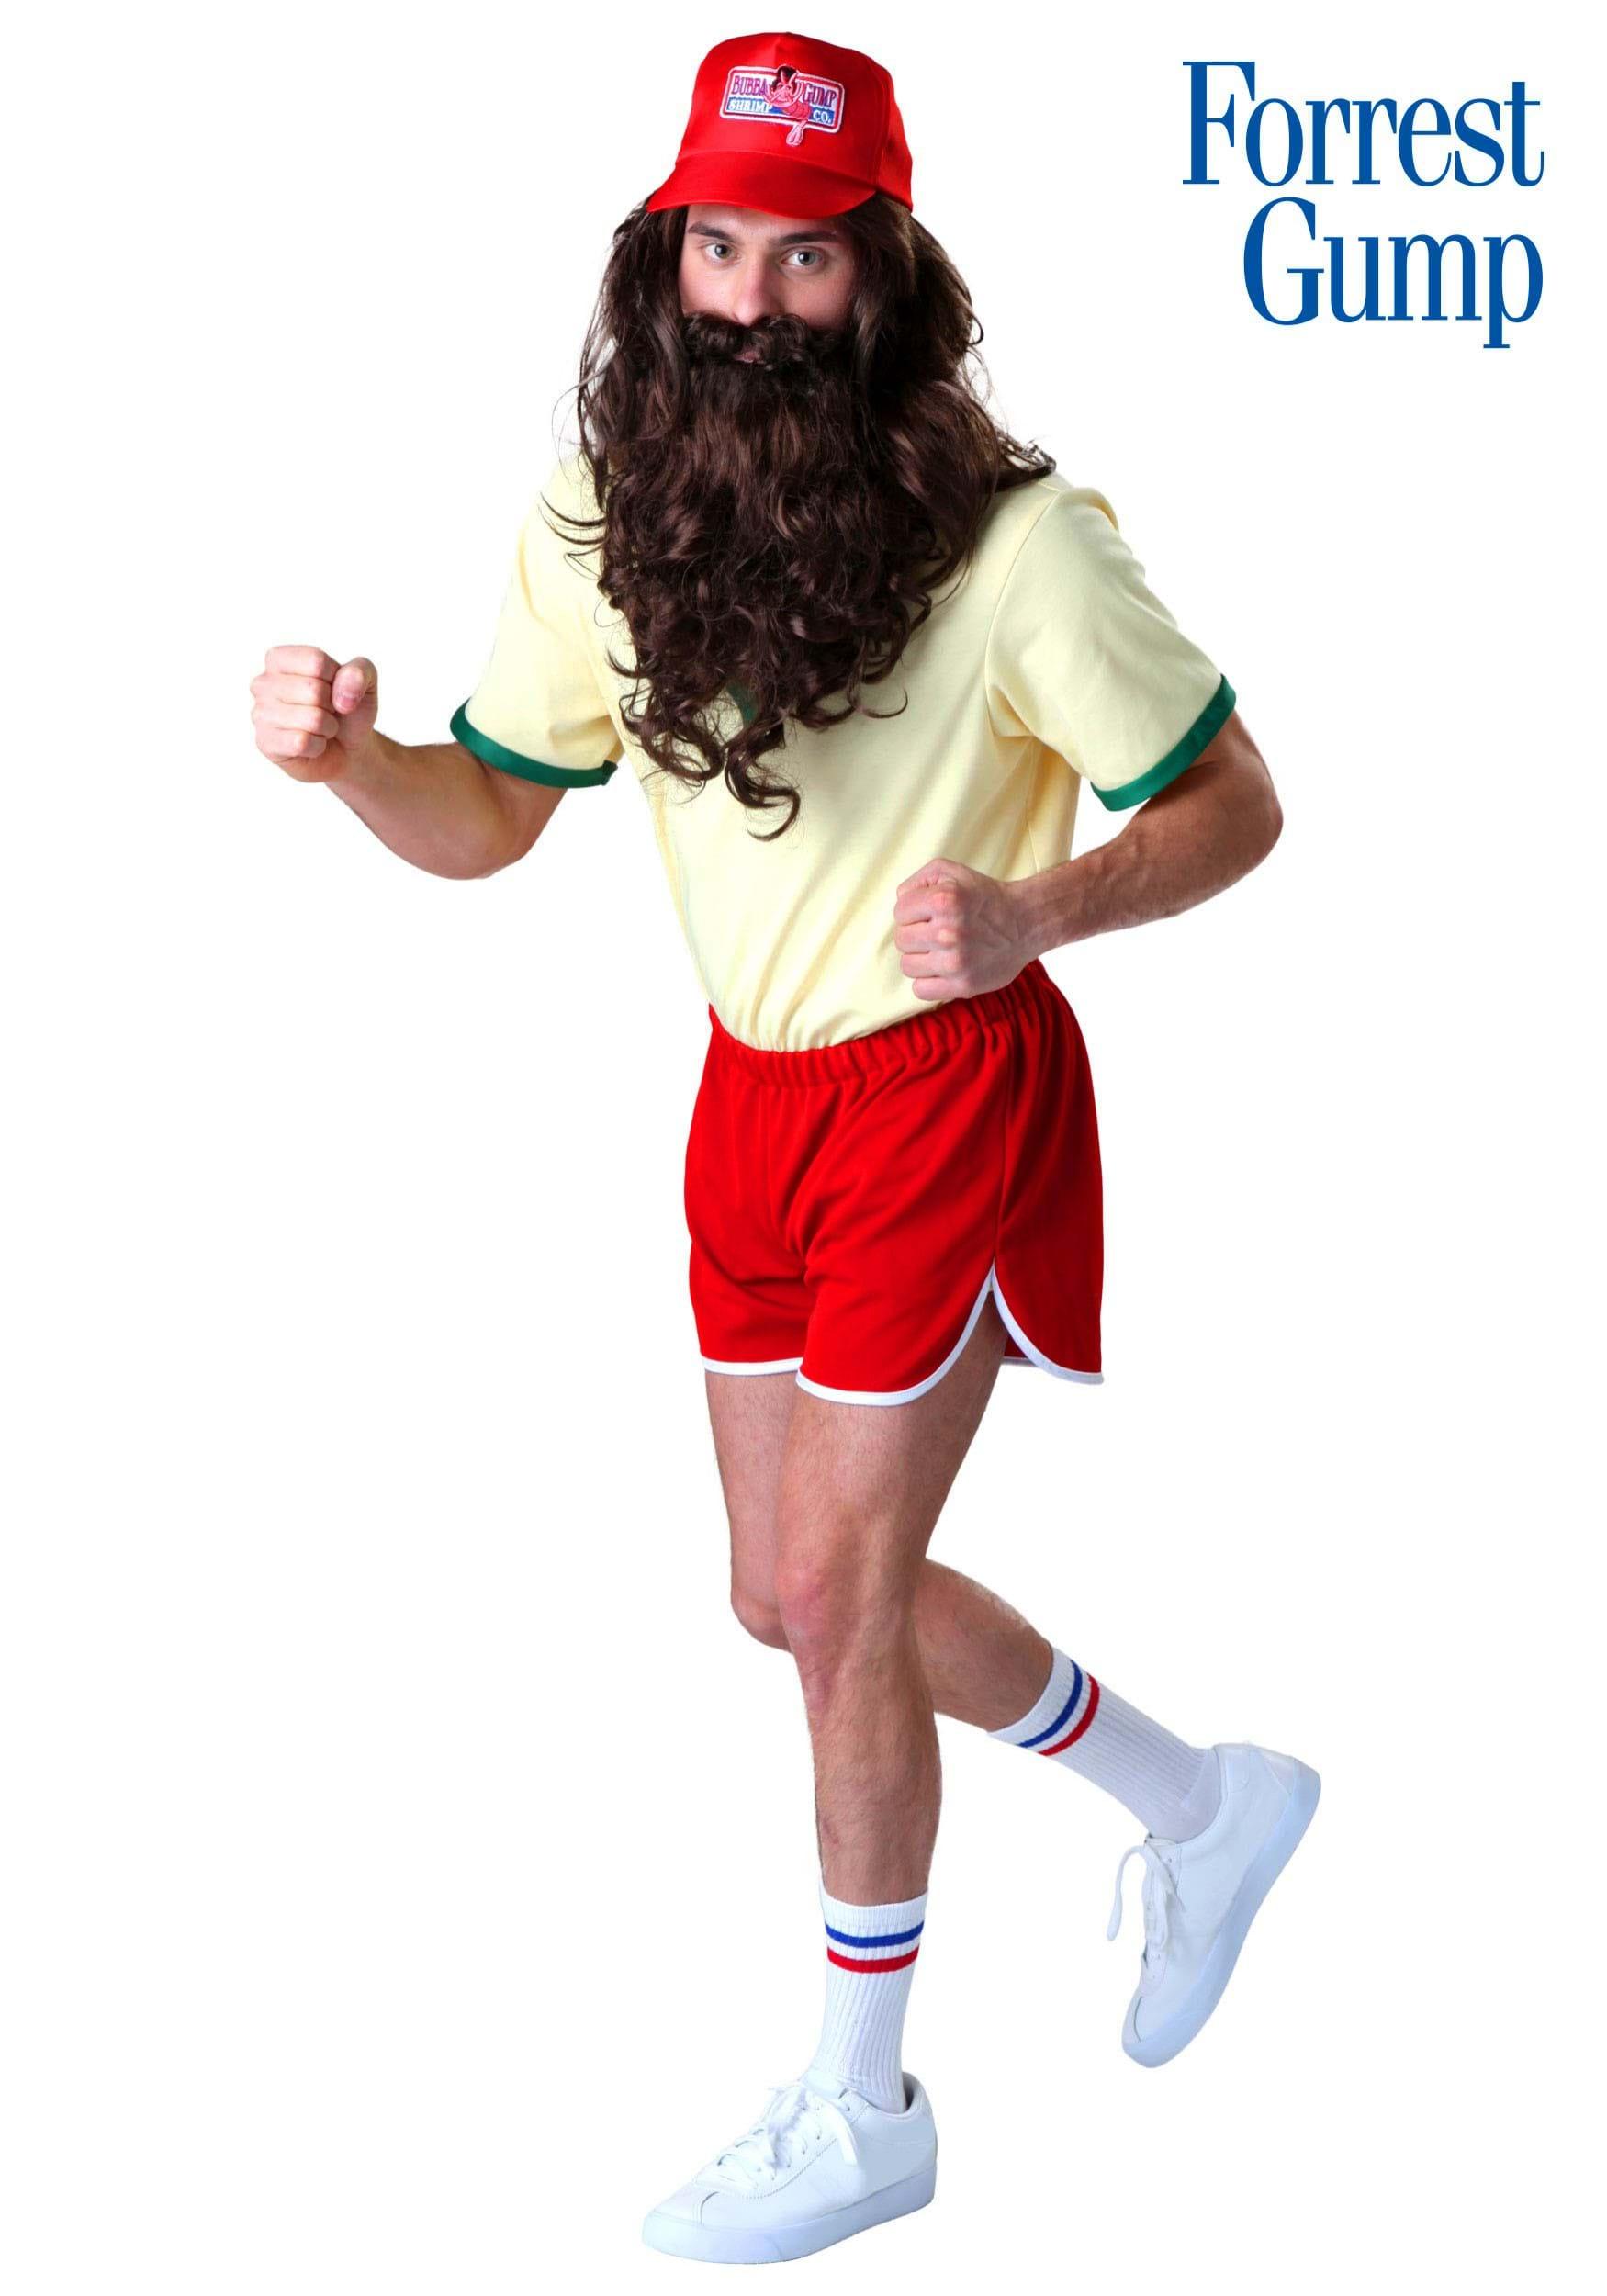 Running Forrest Gump Costume GUM6020AD